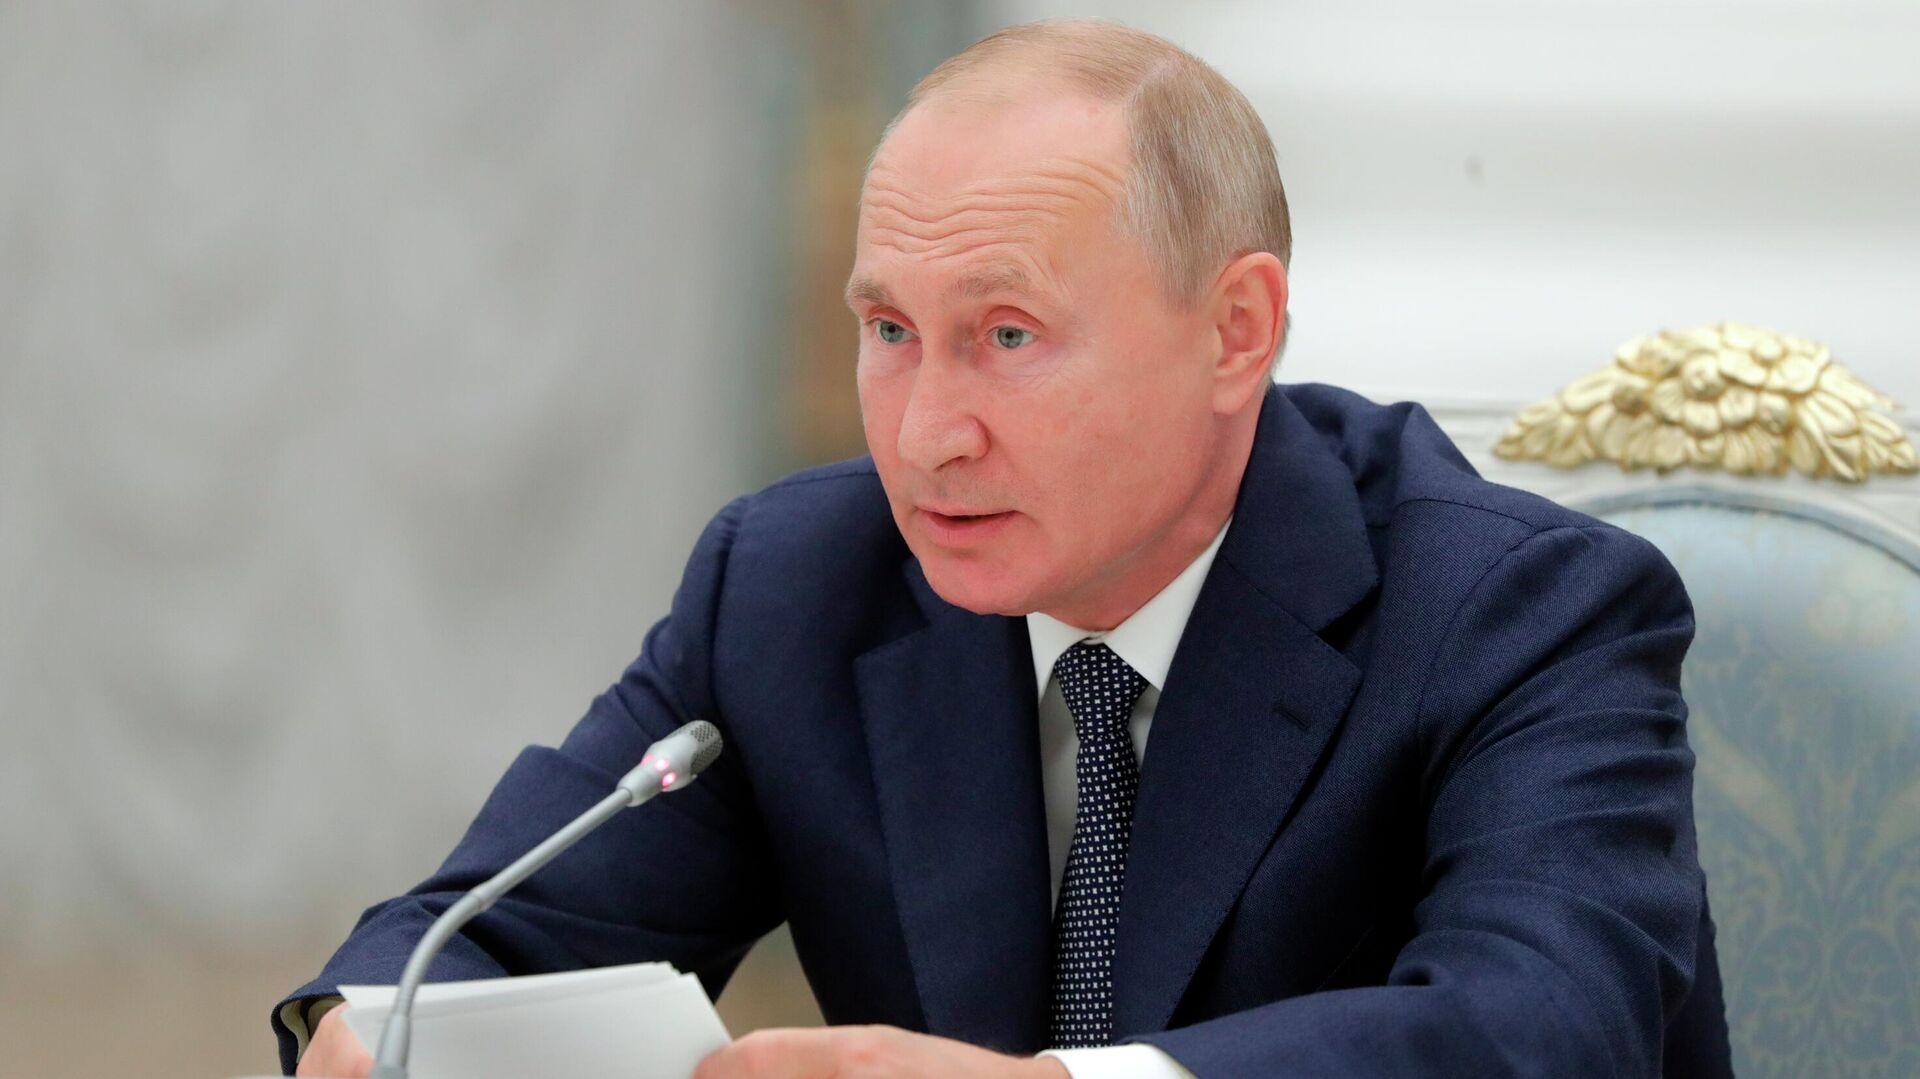 Президент РФ Владимир Путин во время встречи с работниками атомной отрасли - РИА Новости, 1920, 23.09.2020